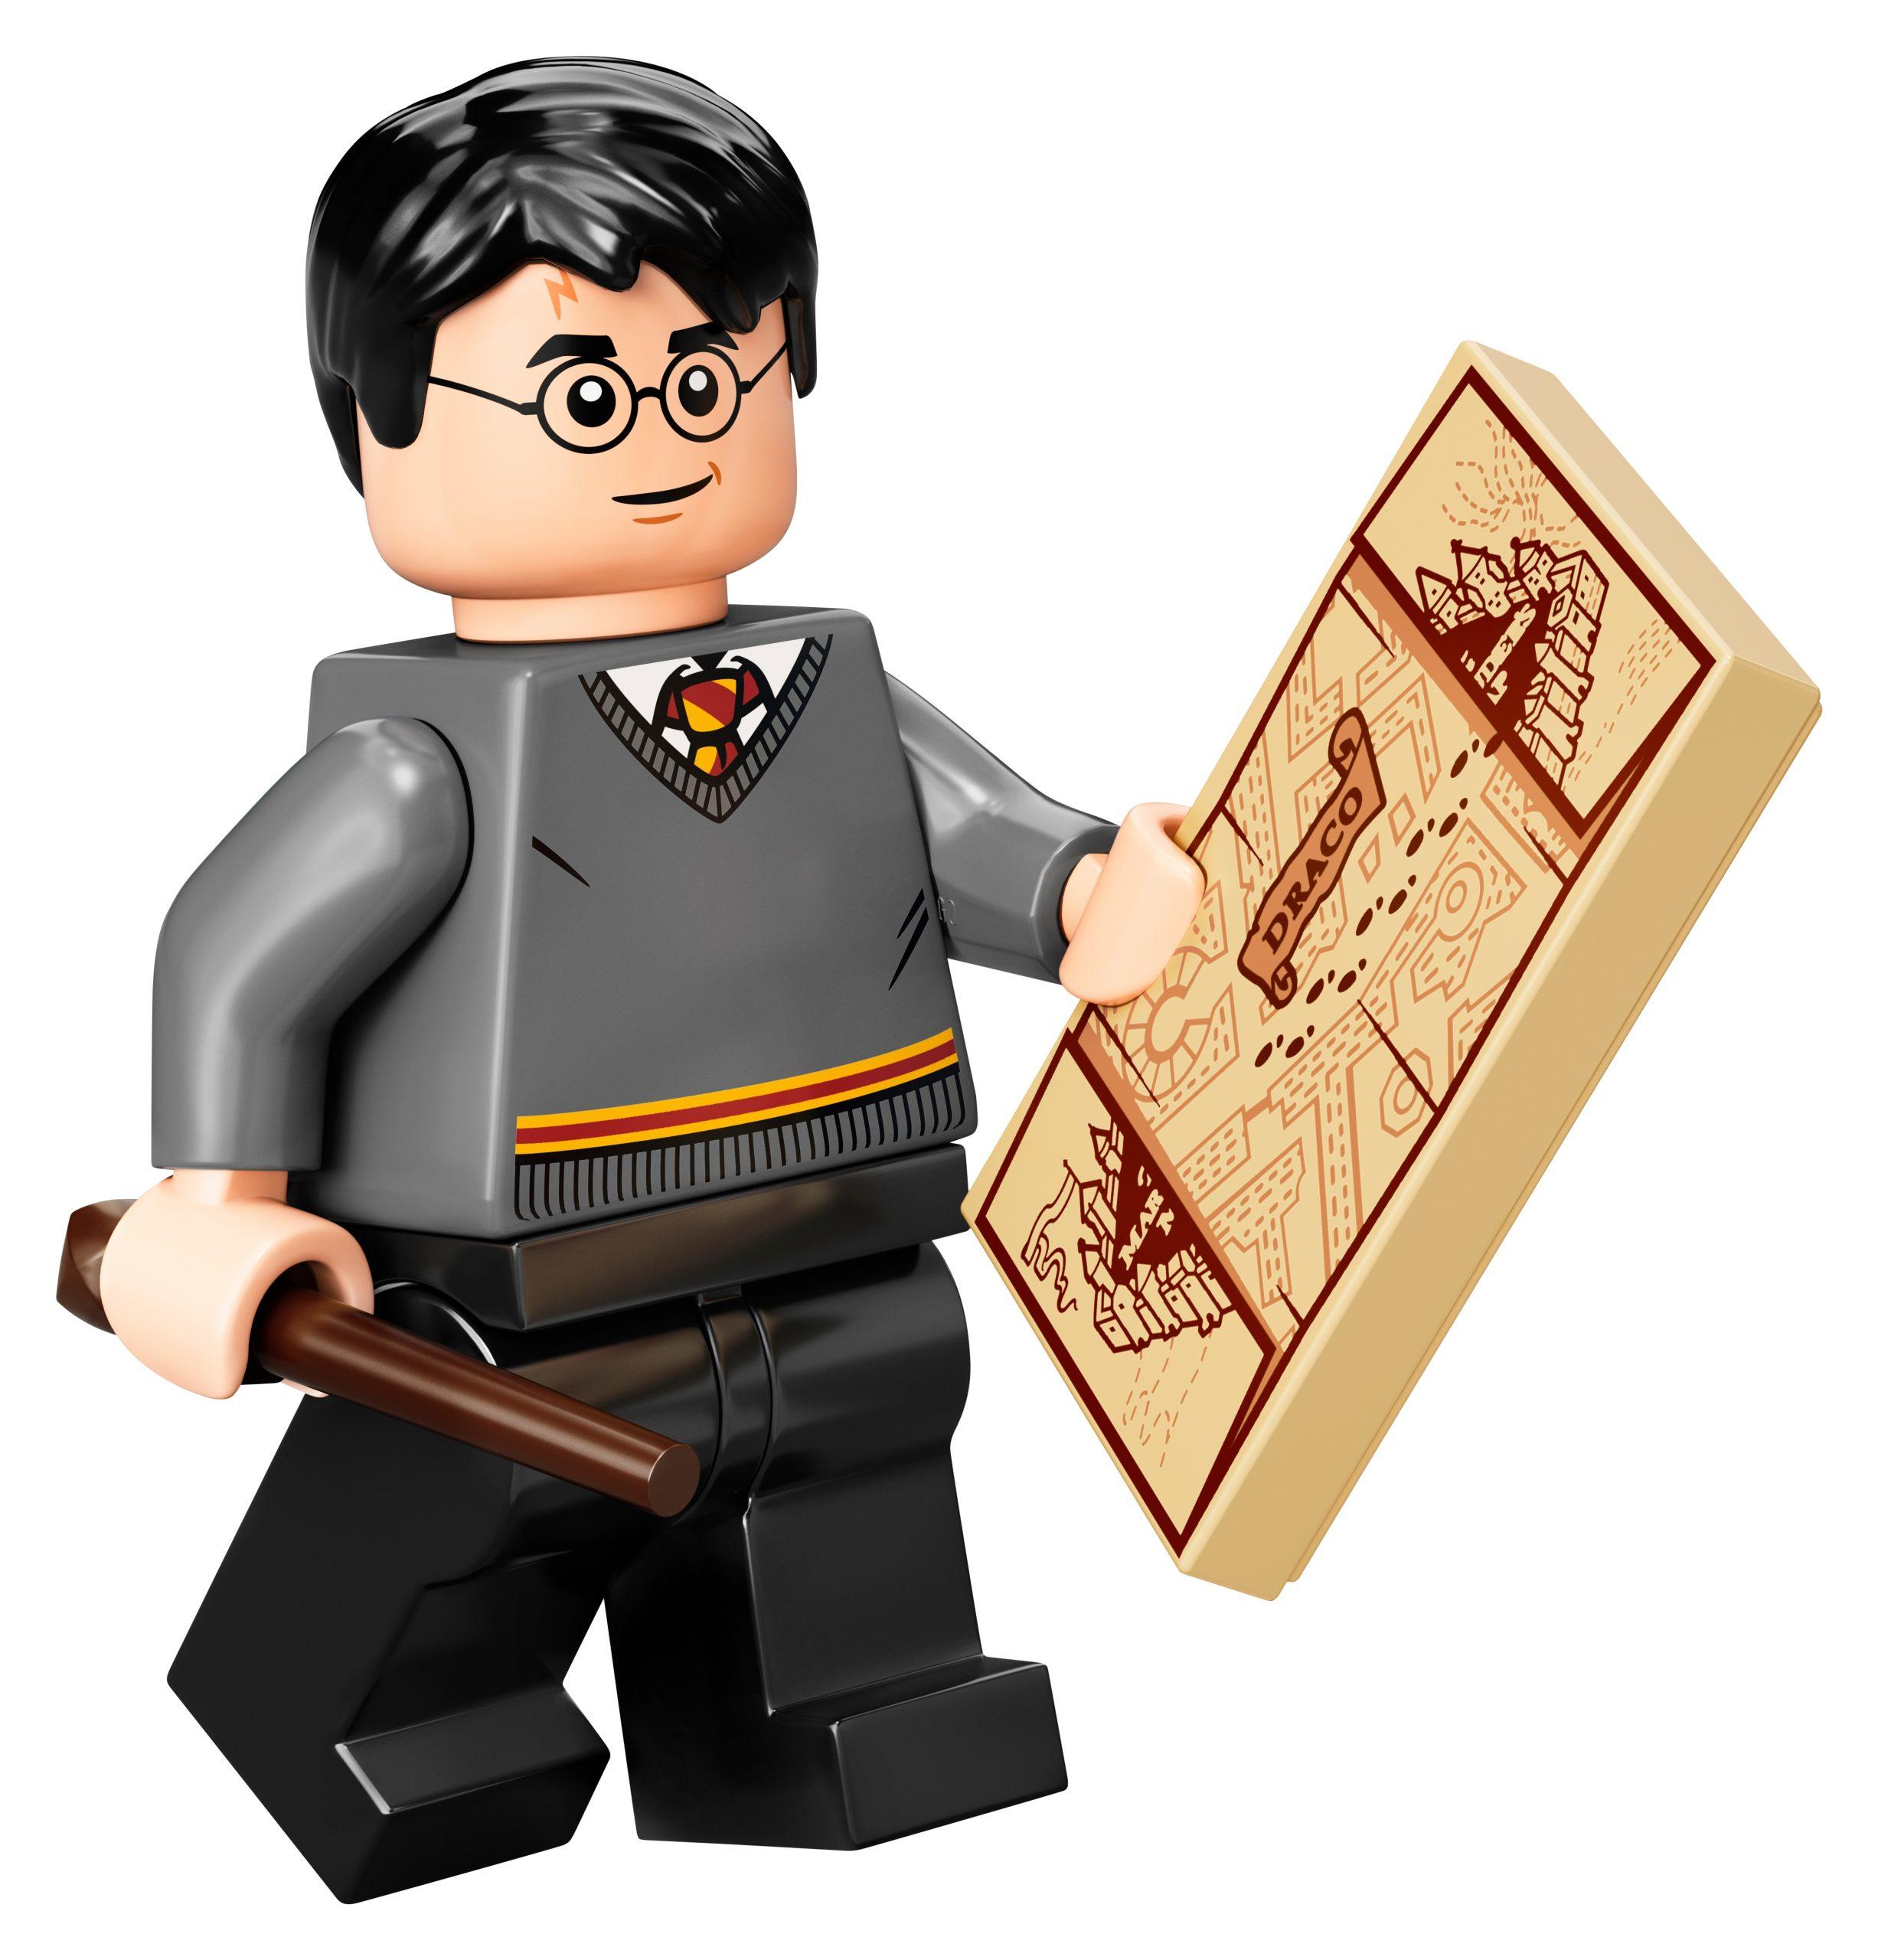 lego 40419 hogwarts students acc set scaled